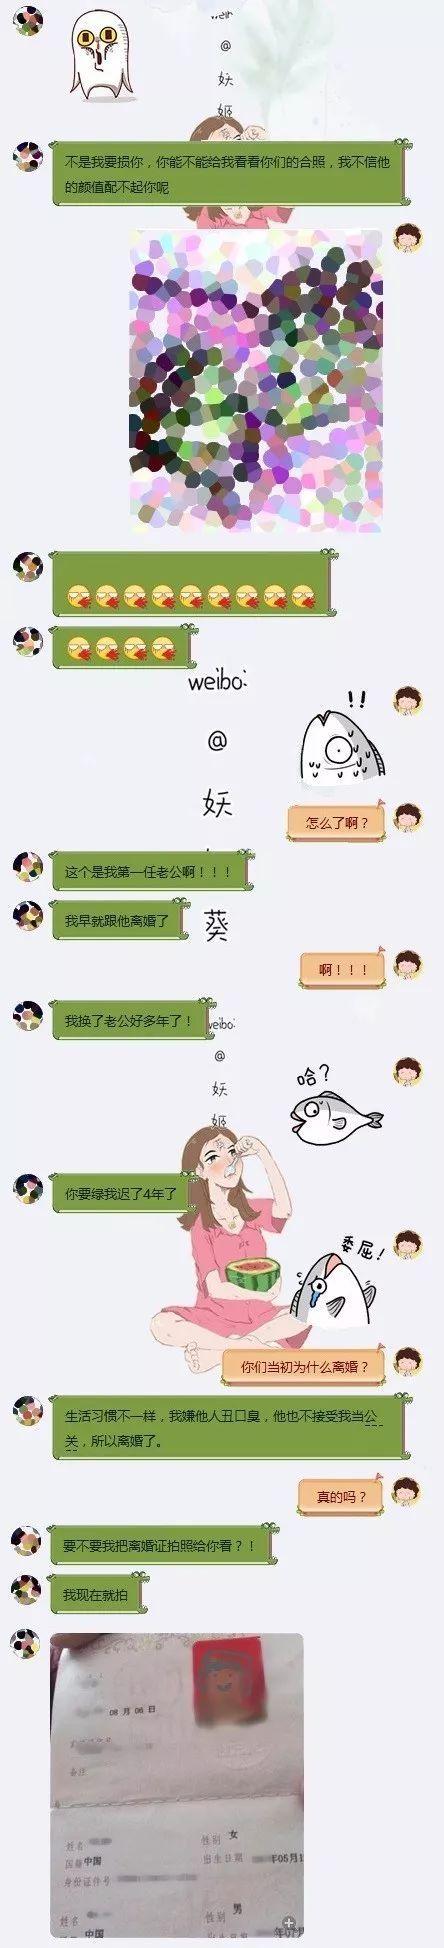 曹格儿子9岁了曾被妹妹欺负哭,吴速玲发文让他勇往直前